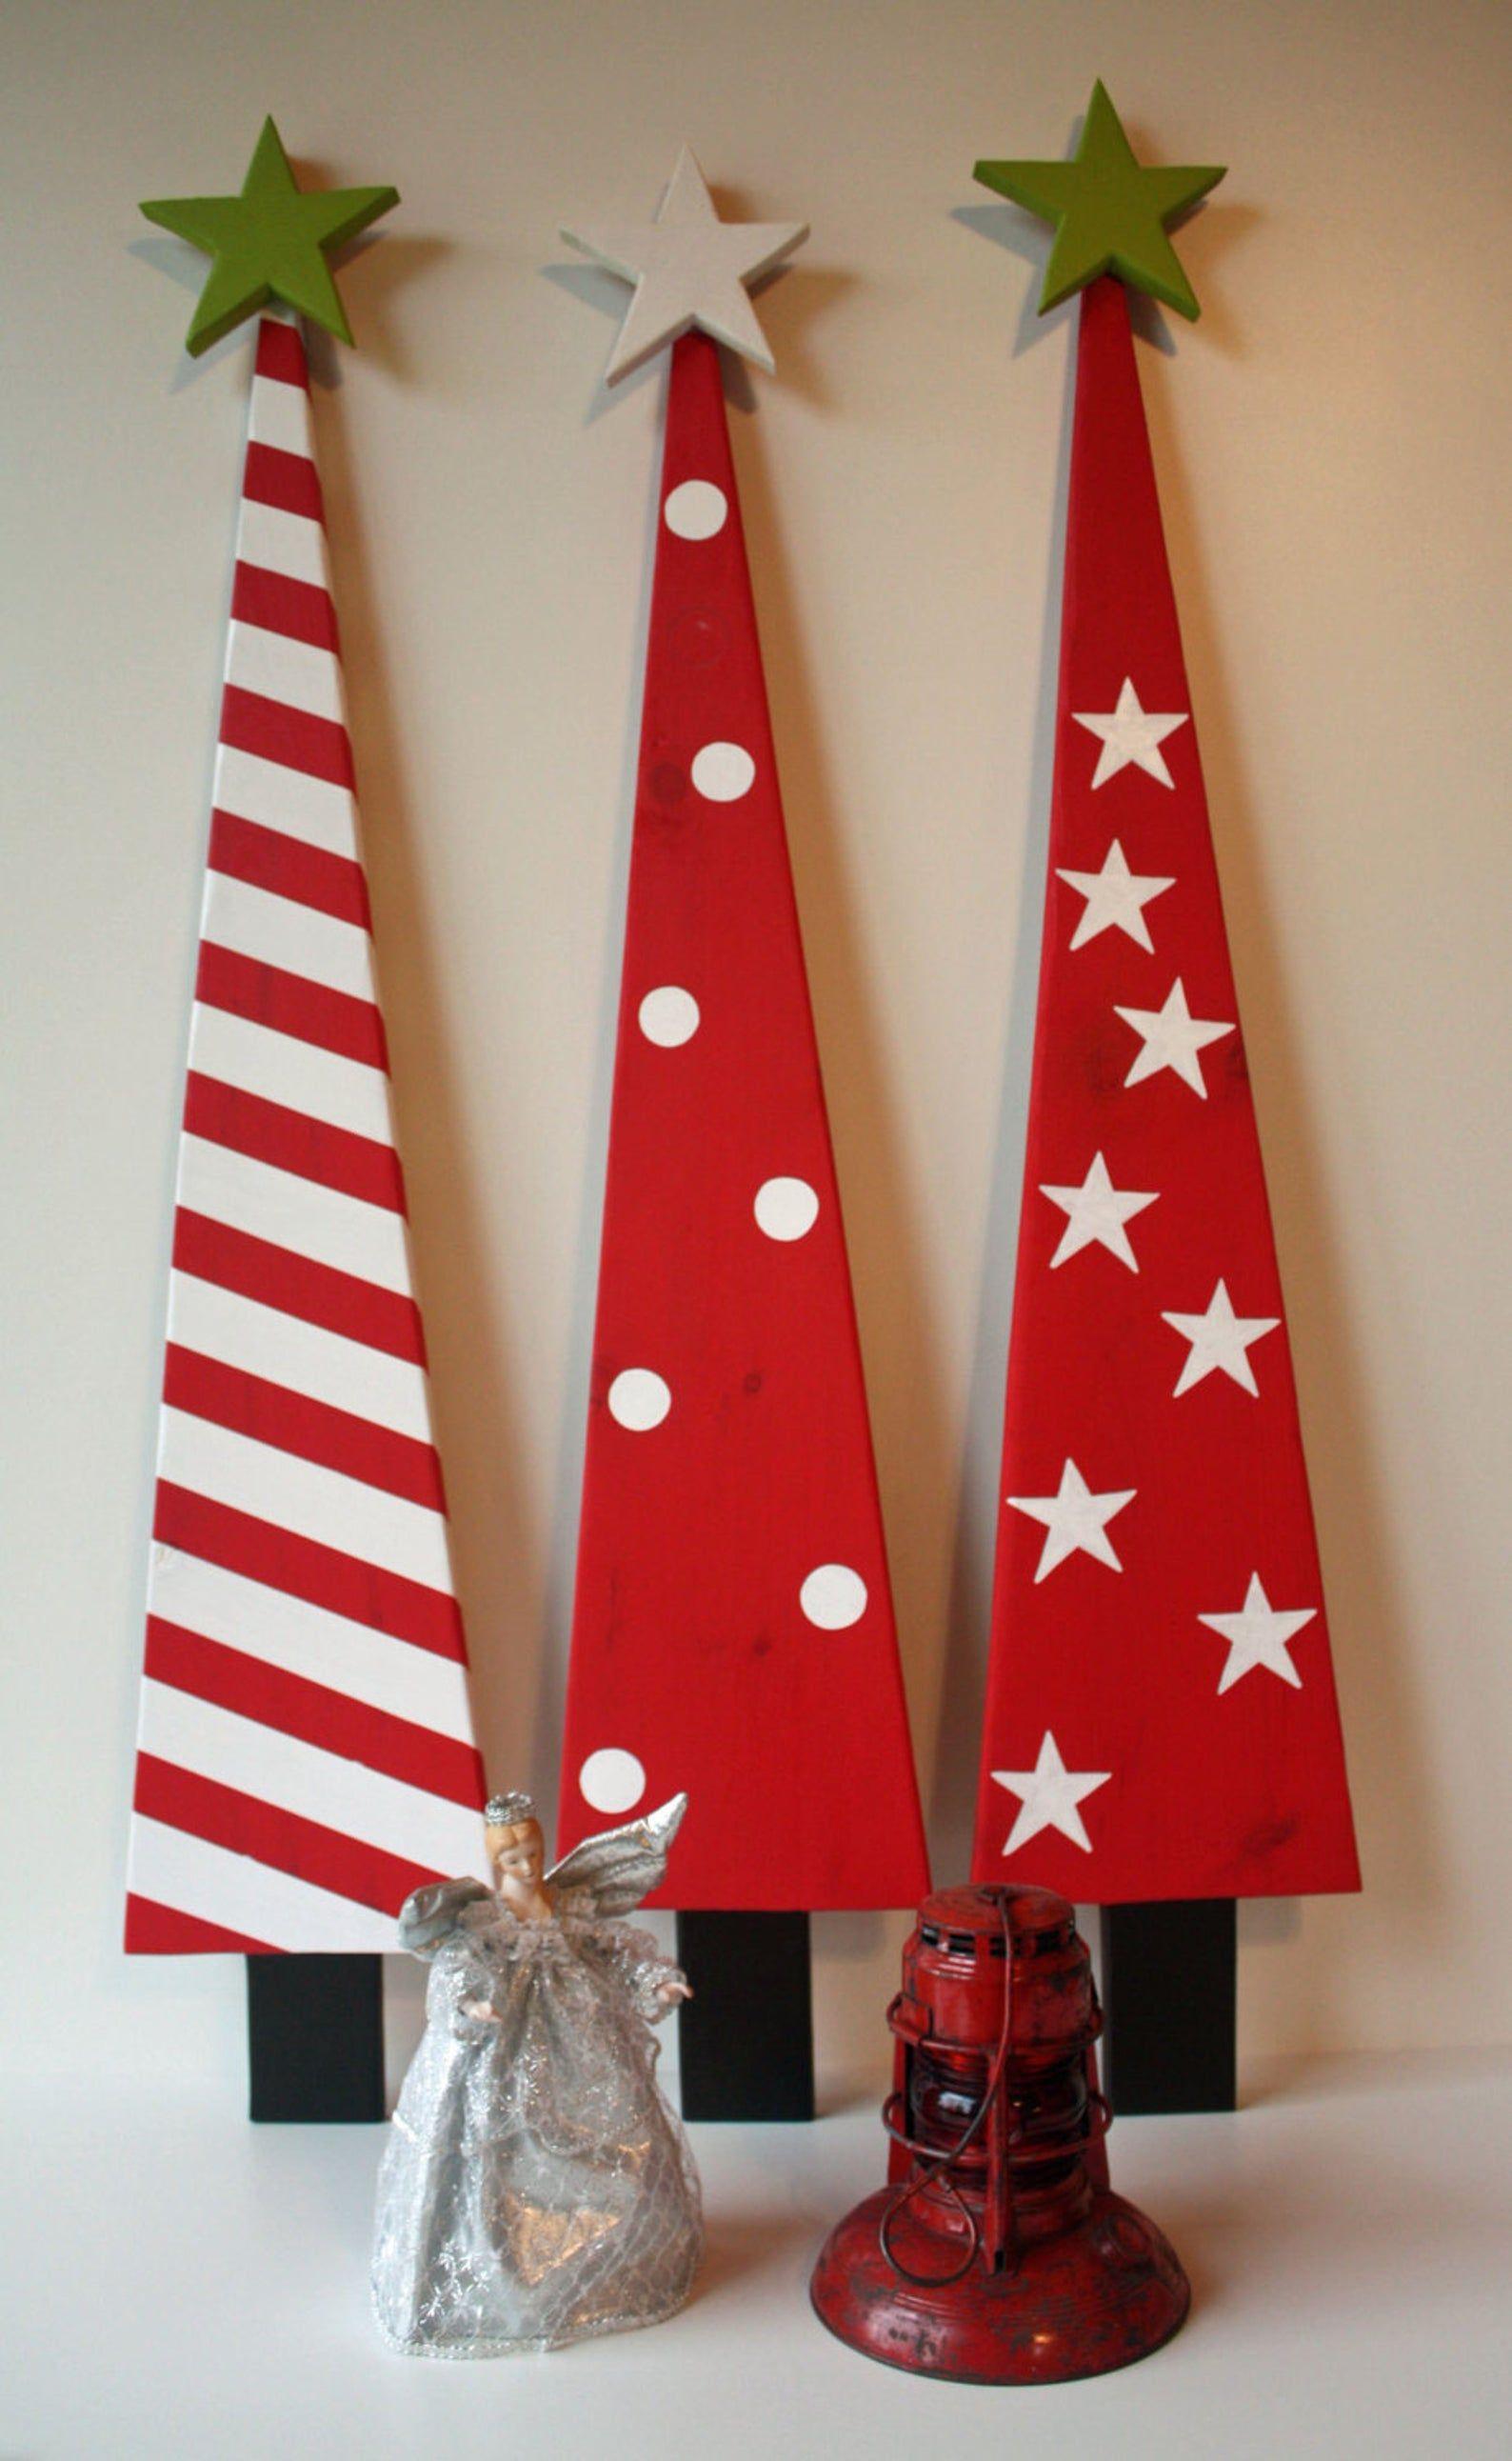 Montierte handbemalte dekorative Weihnachtsbäume - Typ 3 - Home Decor für Weihnachtsferien - hergestellt aus umfunktionierten Scheune Board